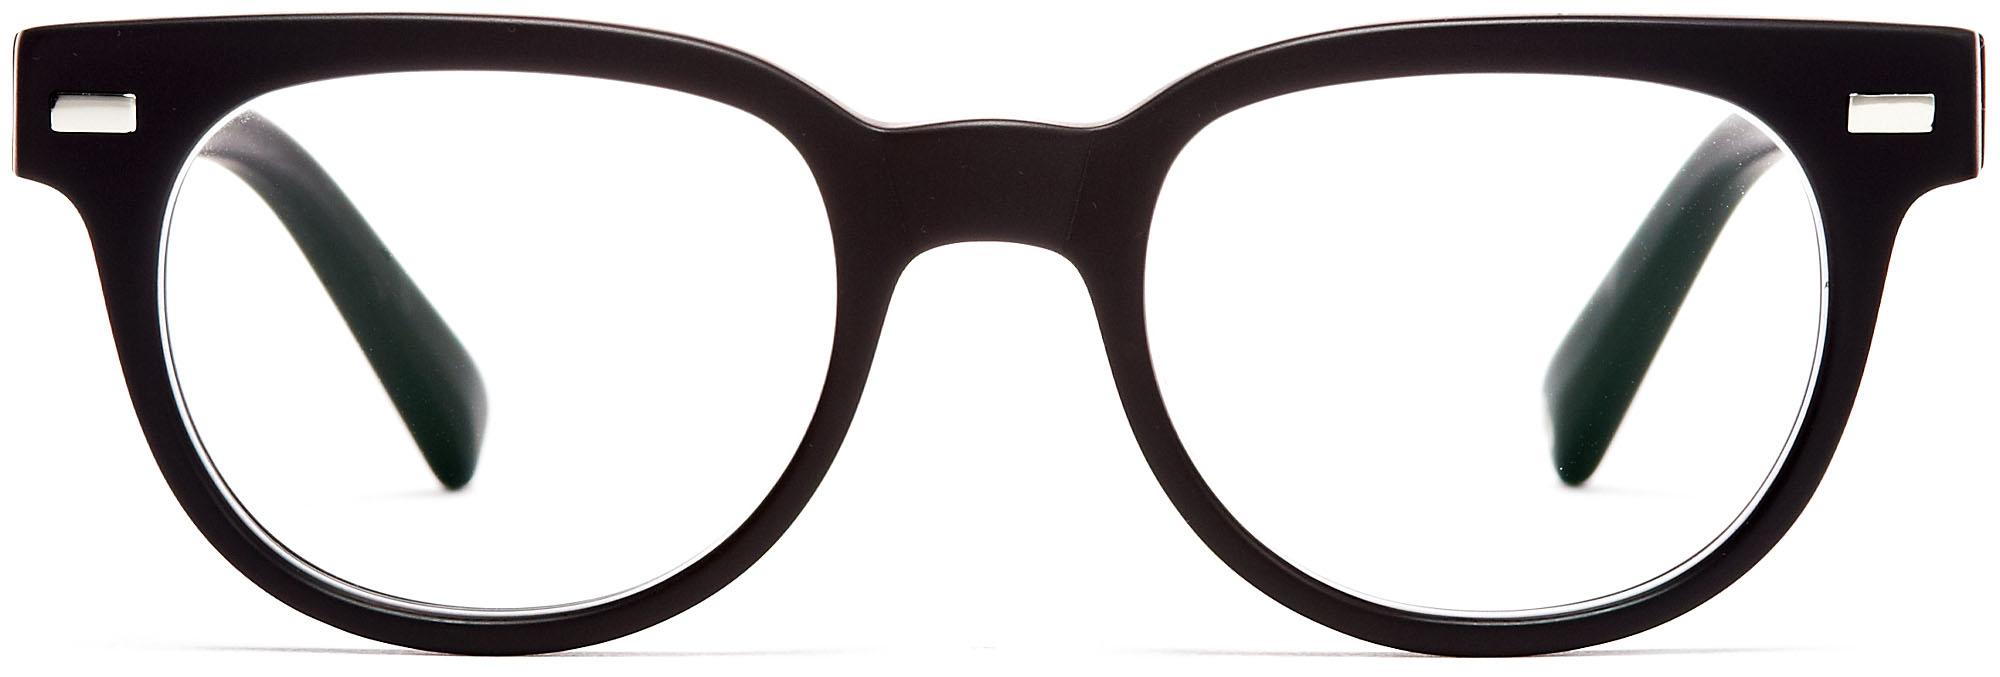 alloptik - Brille schwarz